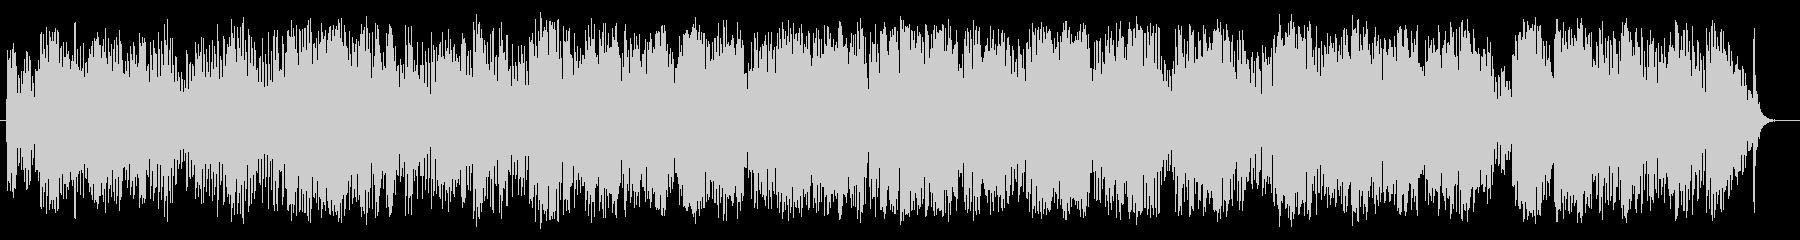 ピアノアルペジオ曲の未再生の波形